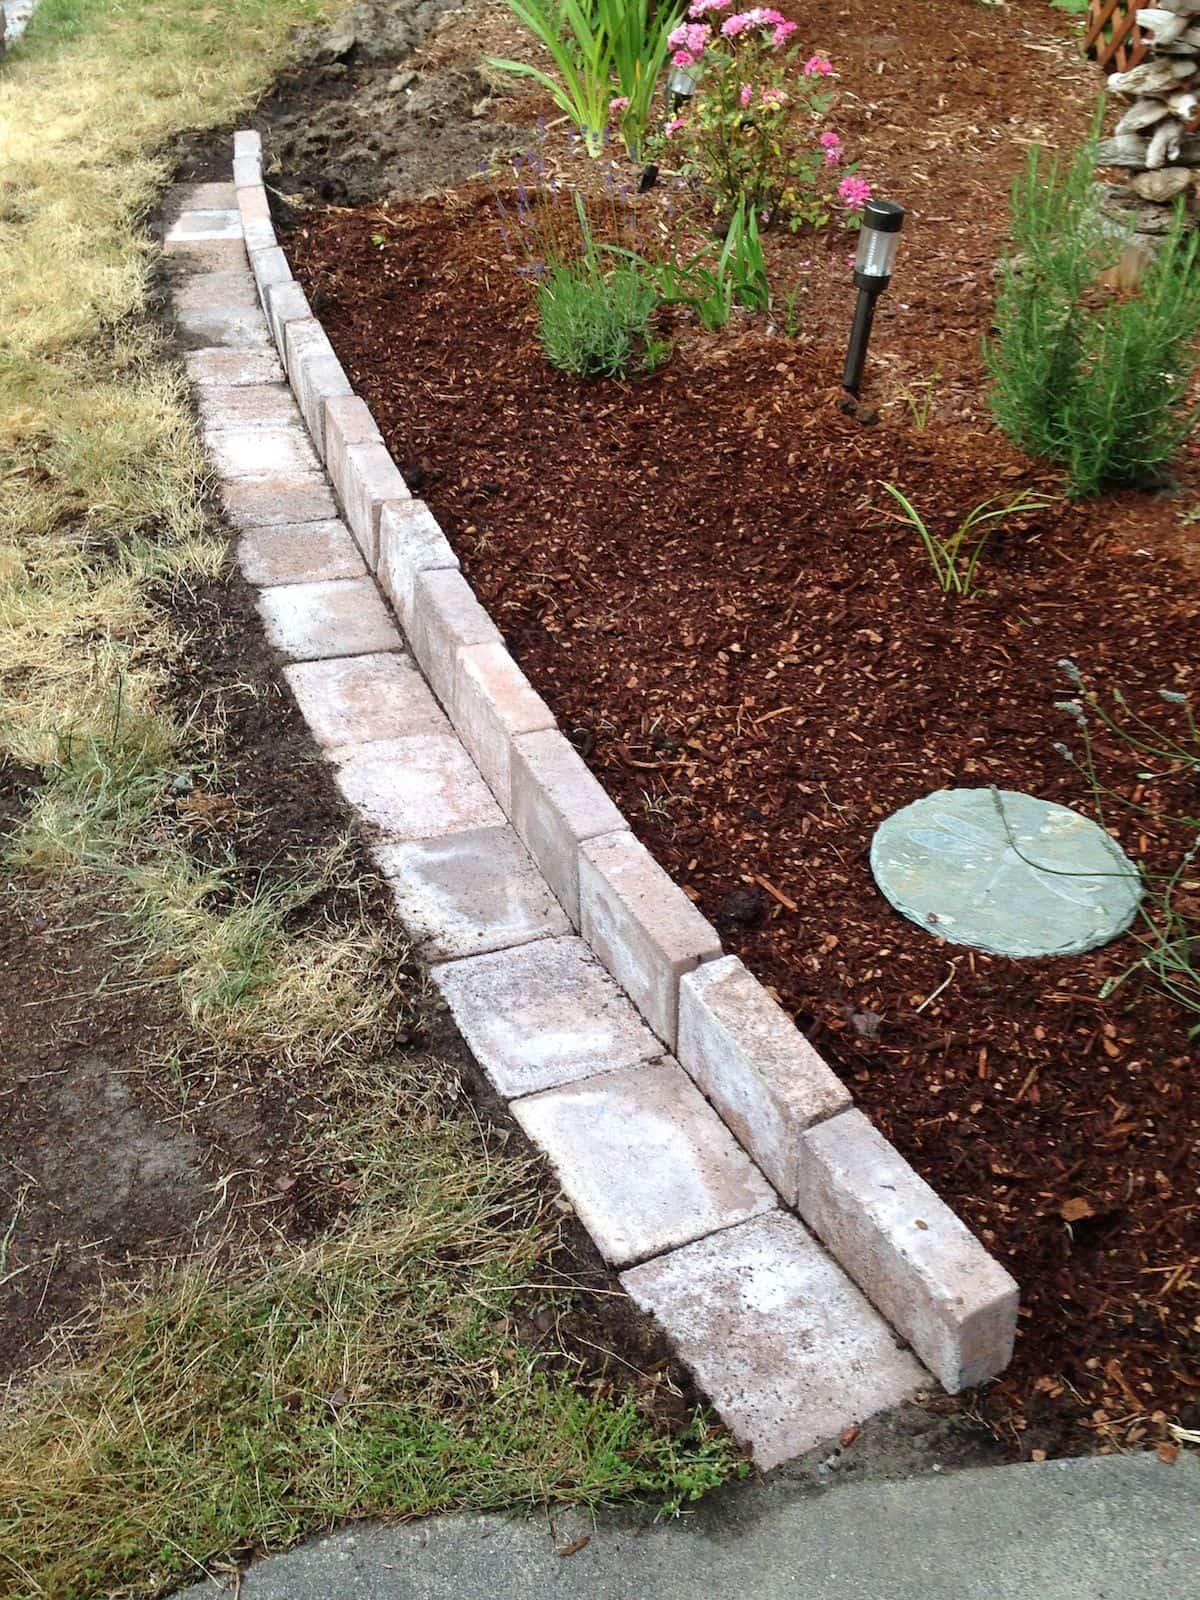 После укладки кирпича, с внешней стороны можно сделать небольшую отмостку, которая будет препятствовать росту травы и сорняков